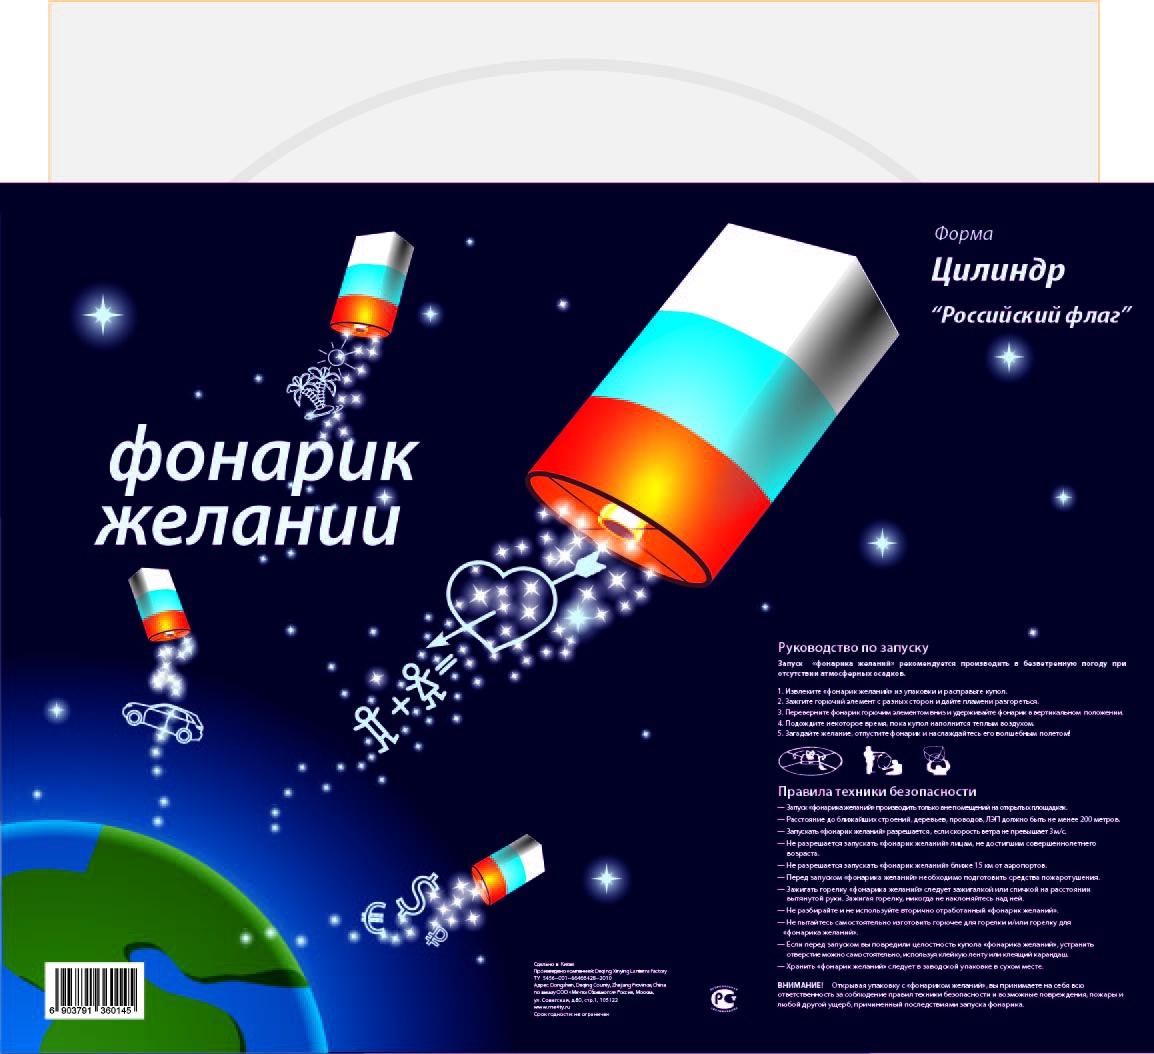 Бумажный фонарик цилиндр Российский флаг, белый, синий, красный небесный фонарик желаний nebofon сердце 2d pink